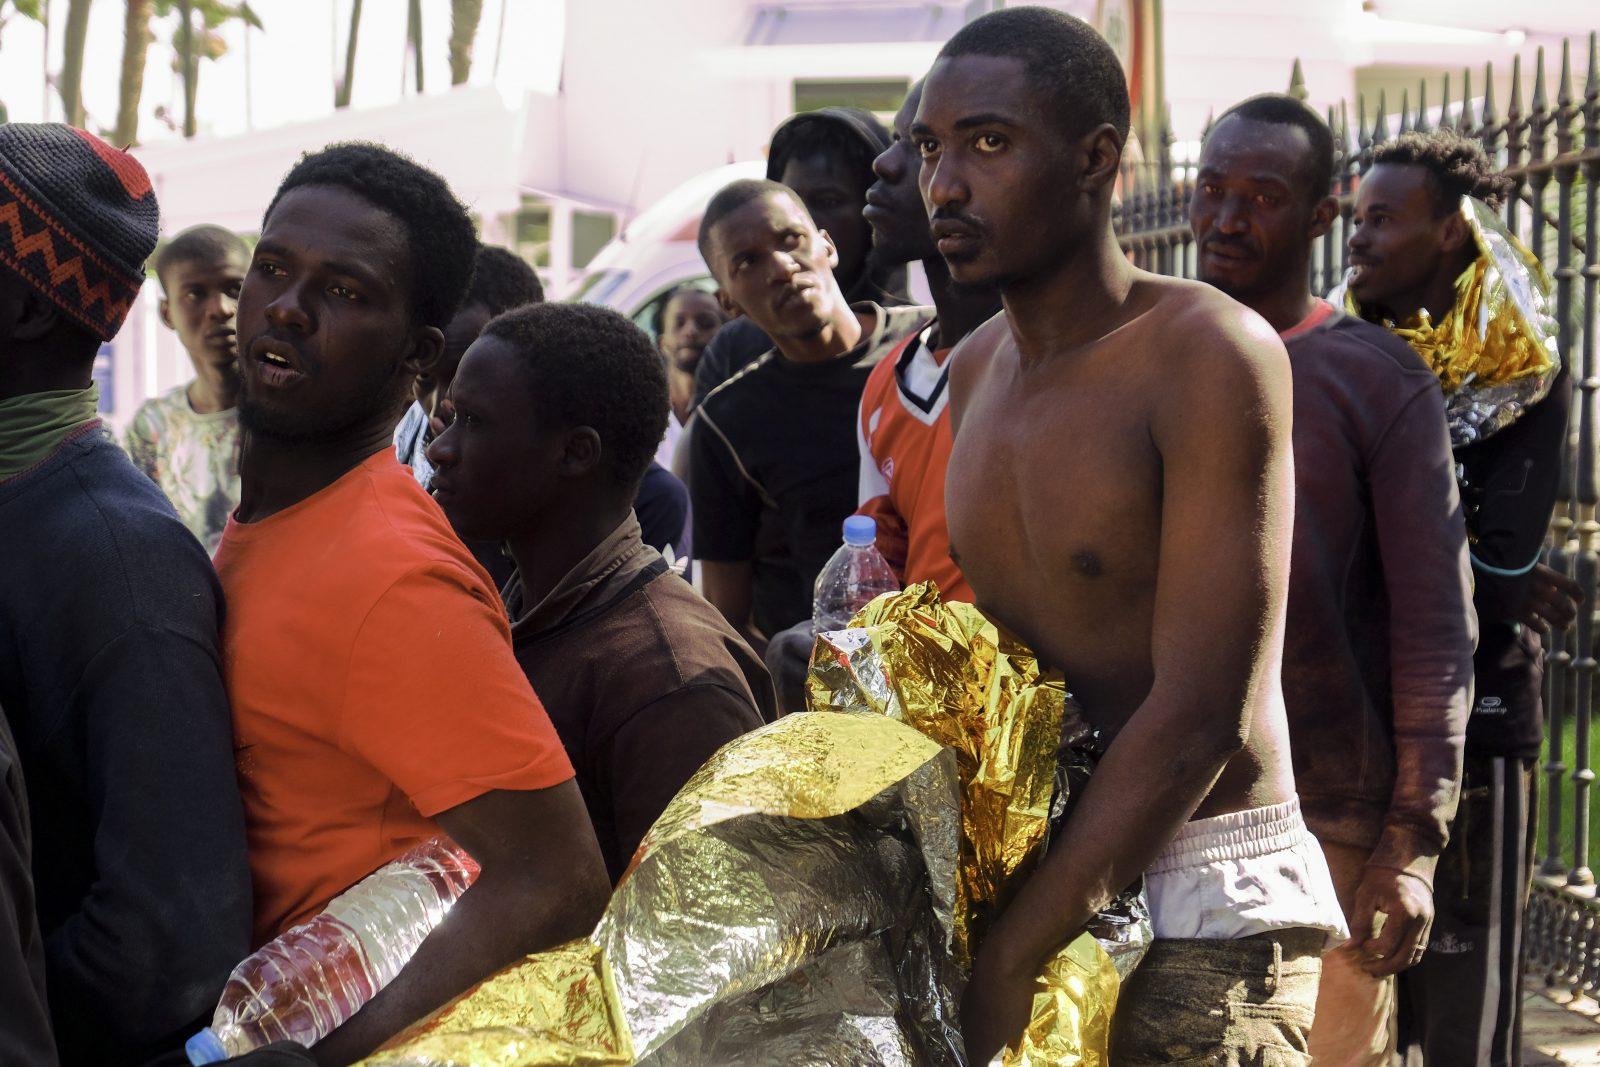 Afrikanische Migranten nach ihrer Ankunft in Gran Canaria: Die Kanaren verzeichneten am vergangenen Wochenende mehr als 2.000 Ankömmlinge